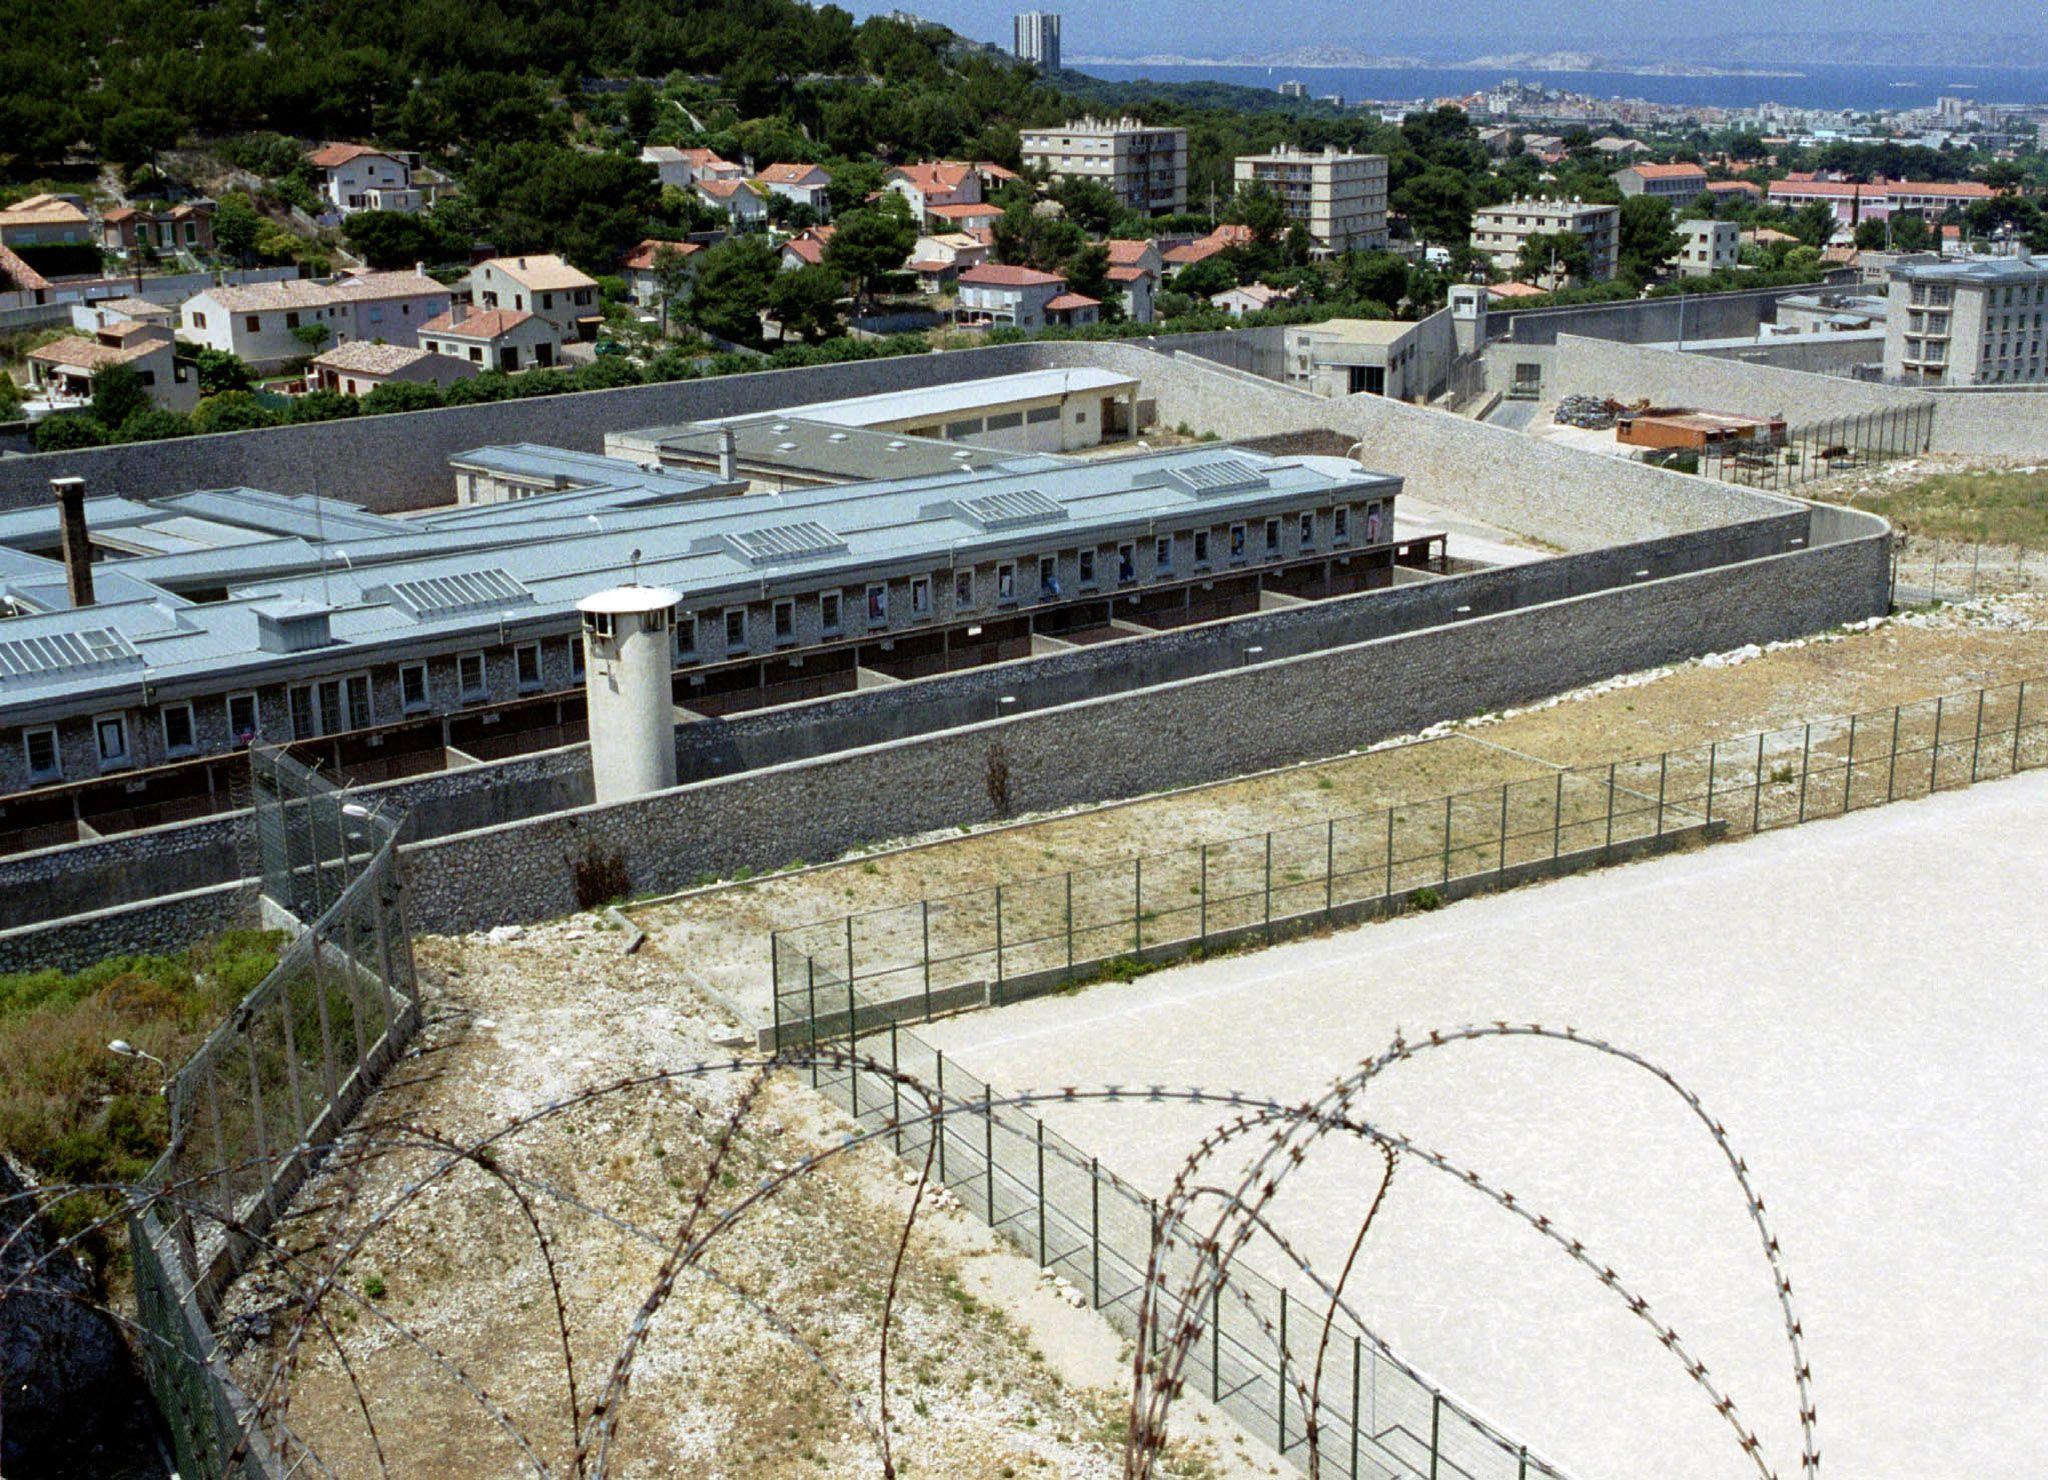 Pour lutter contre la surpopulation carcérale, Manuel Valls veut construire 33 nouvelles prisons